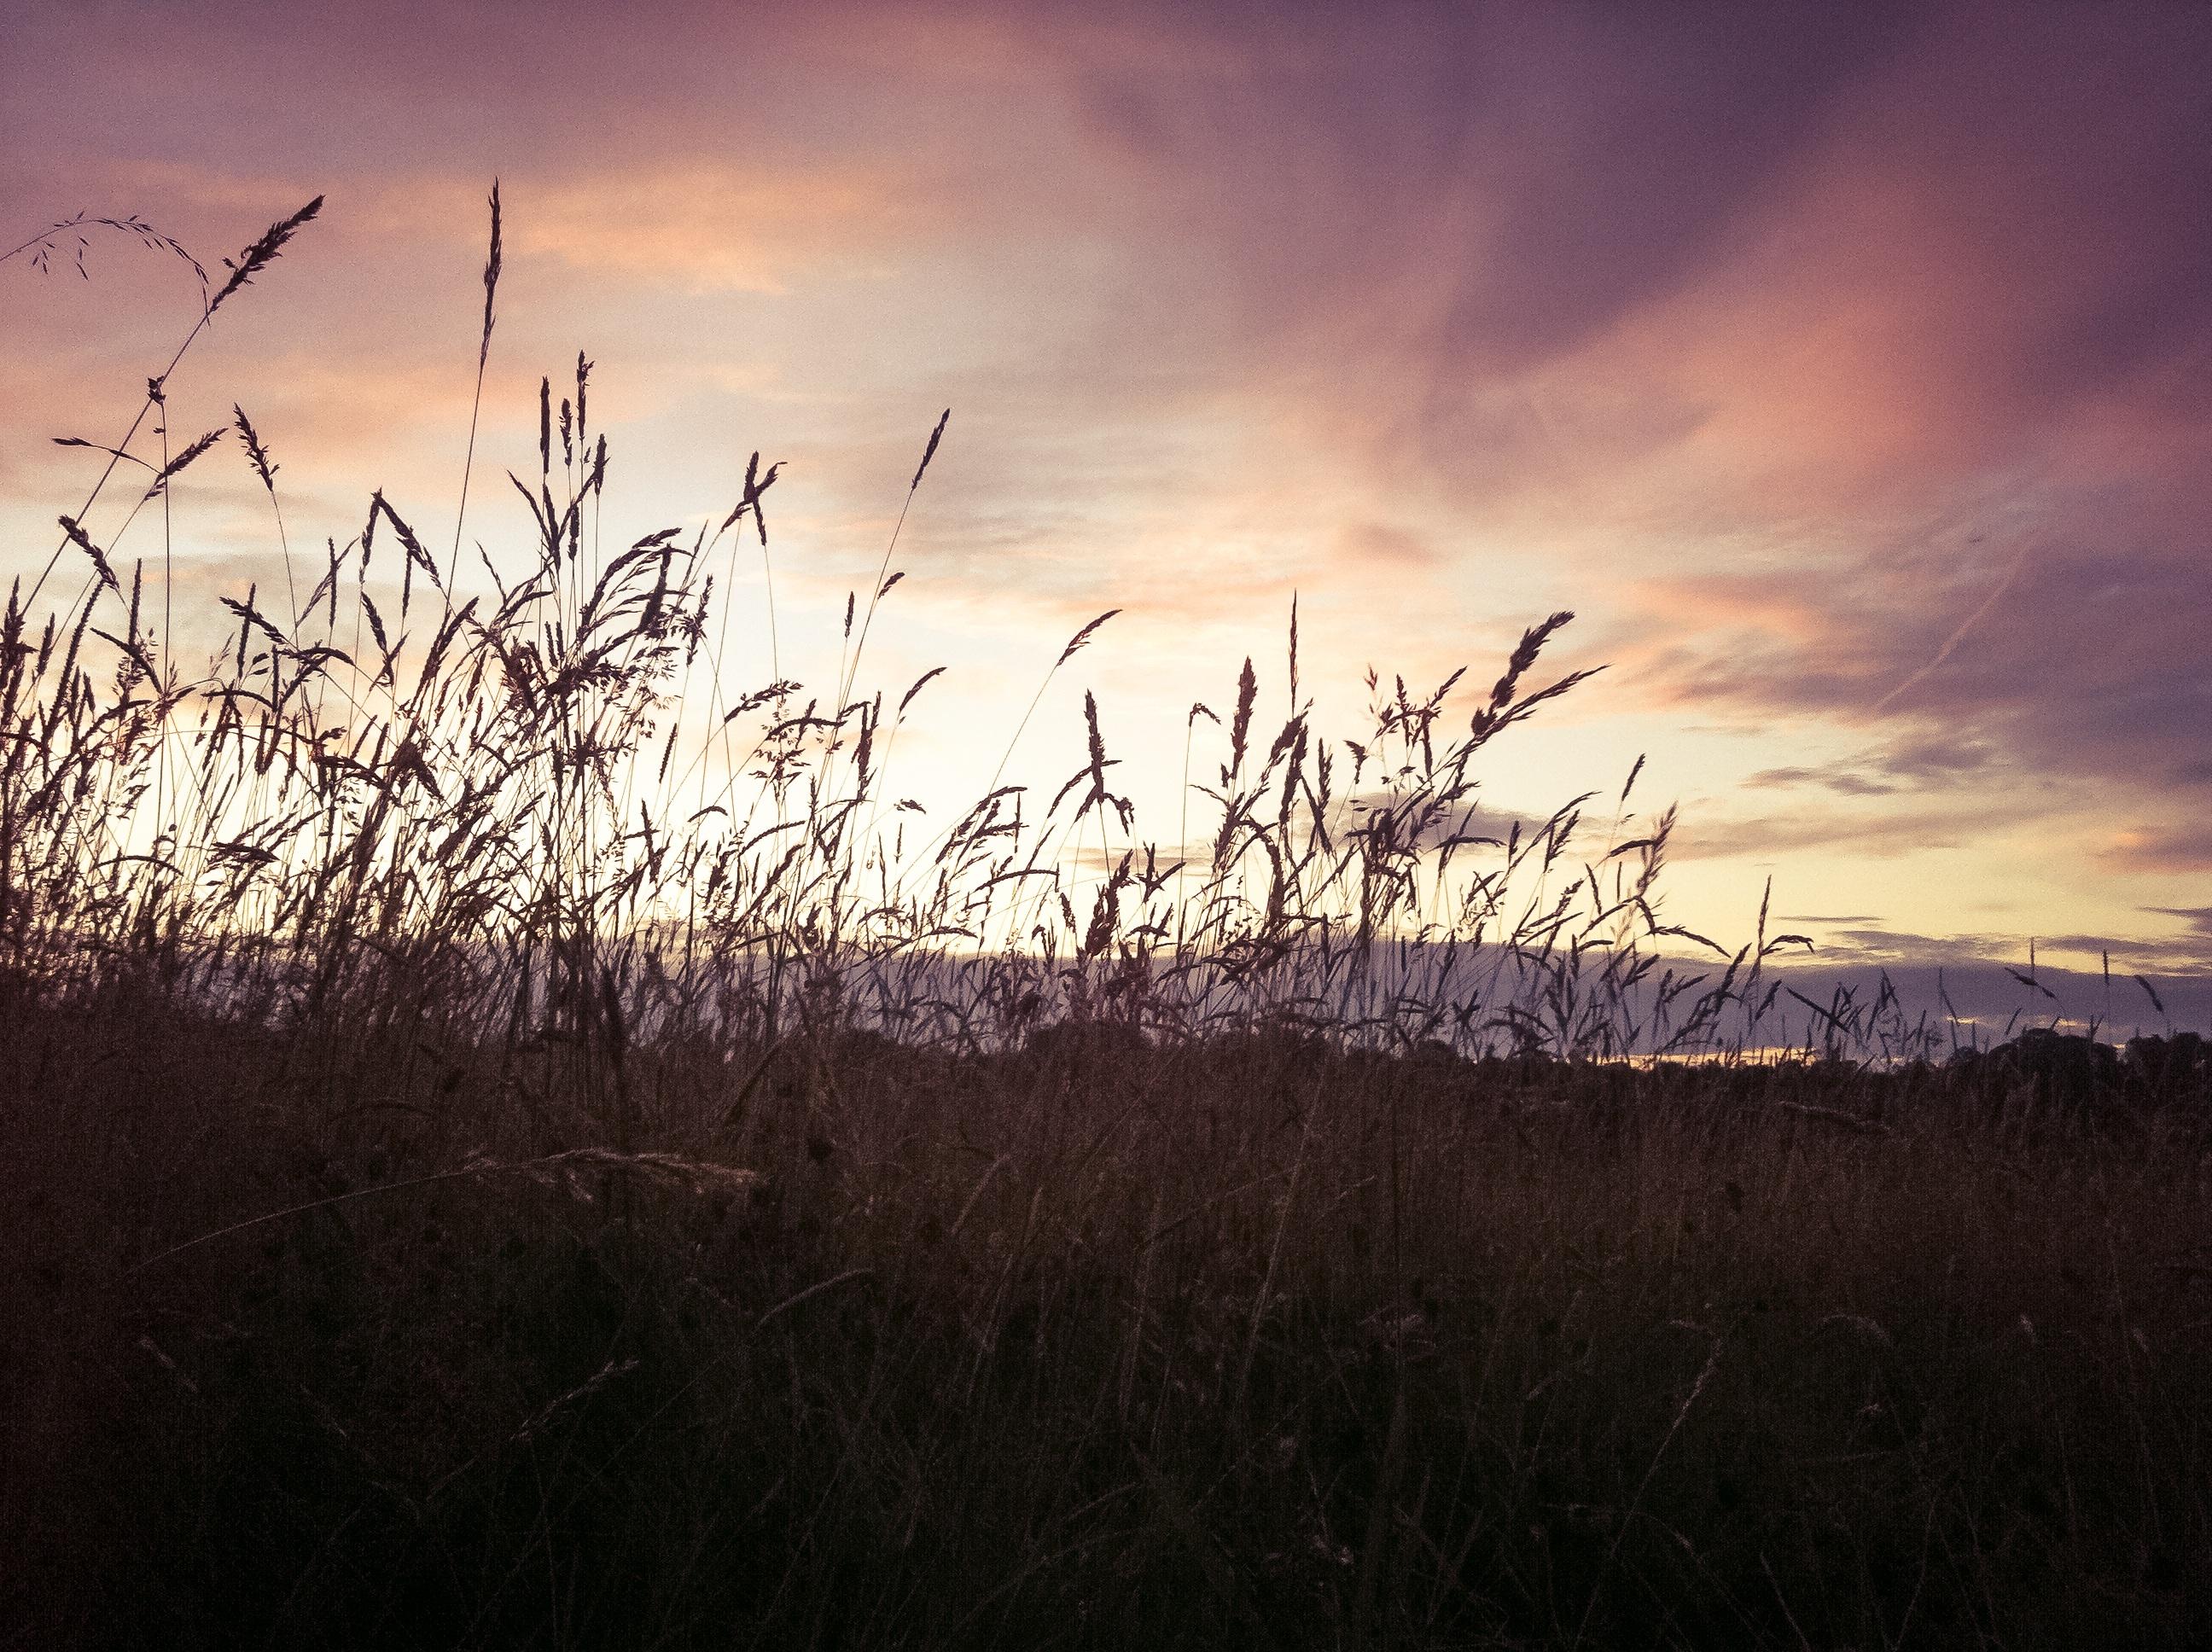 соли-лизунцы, картинки закат и трава этому